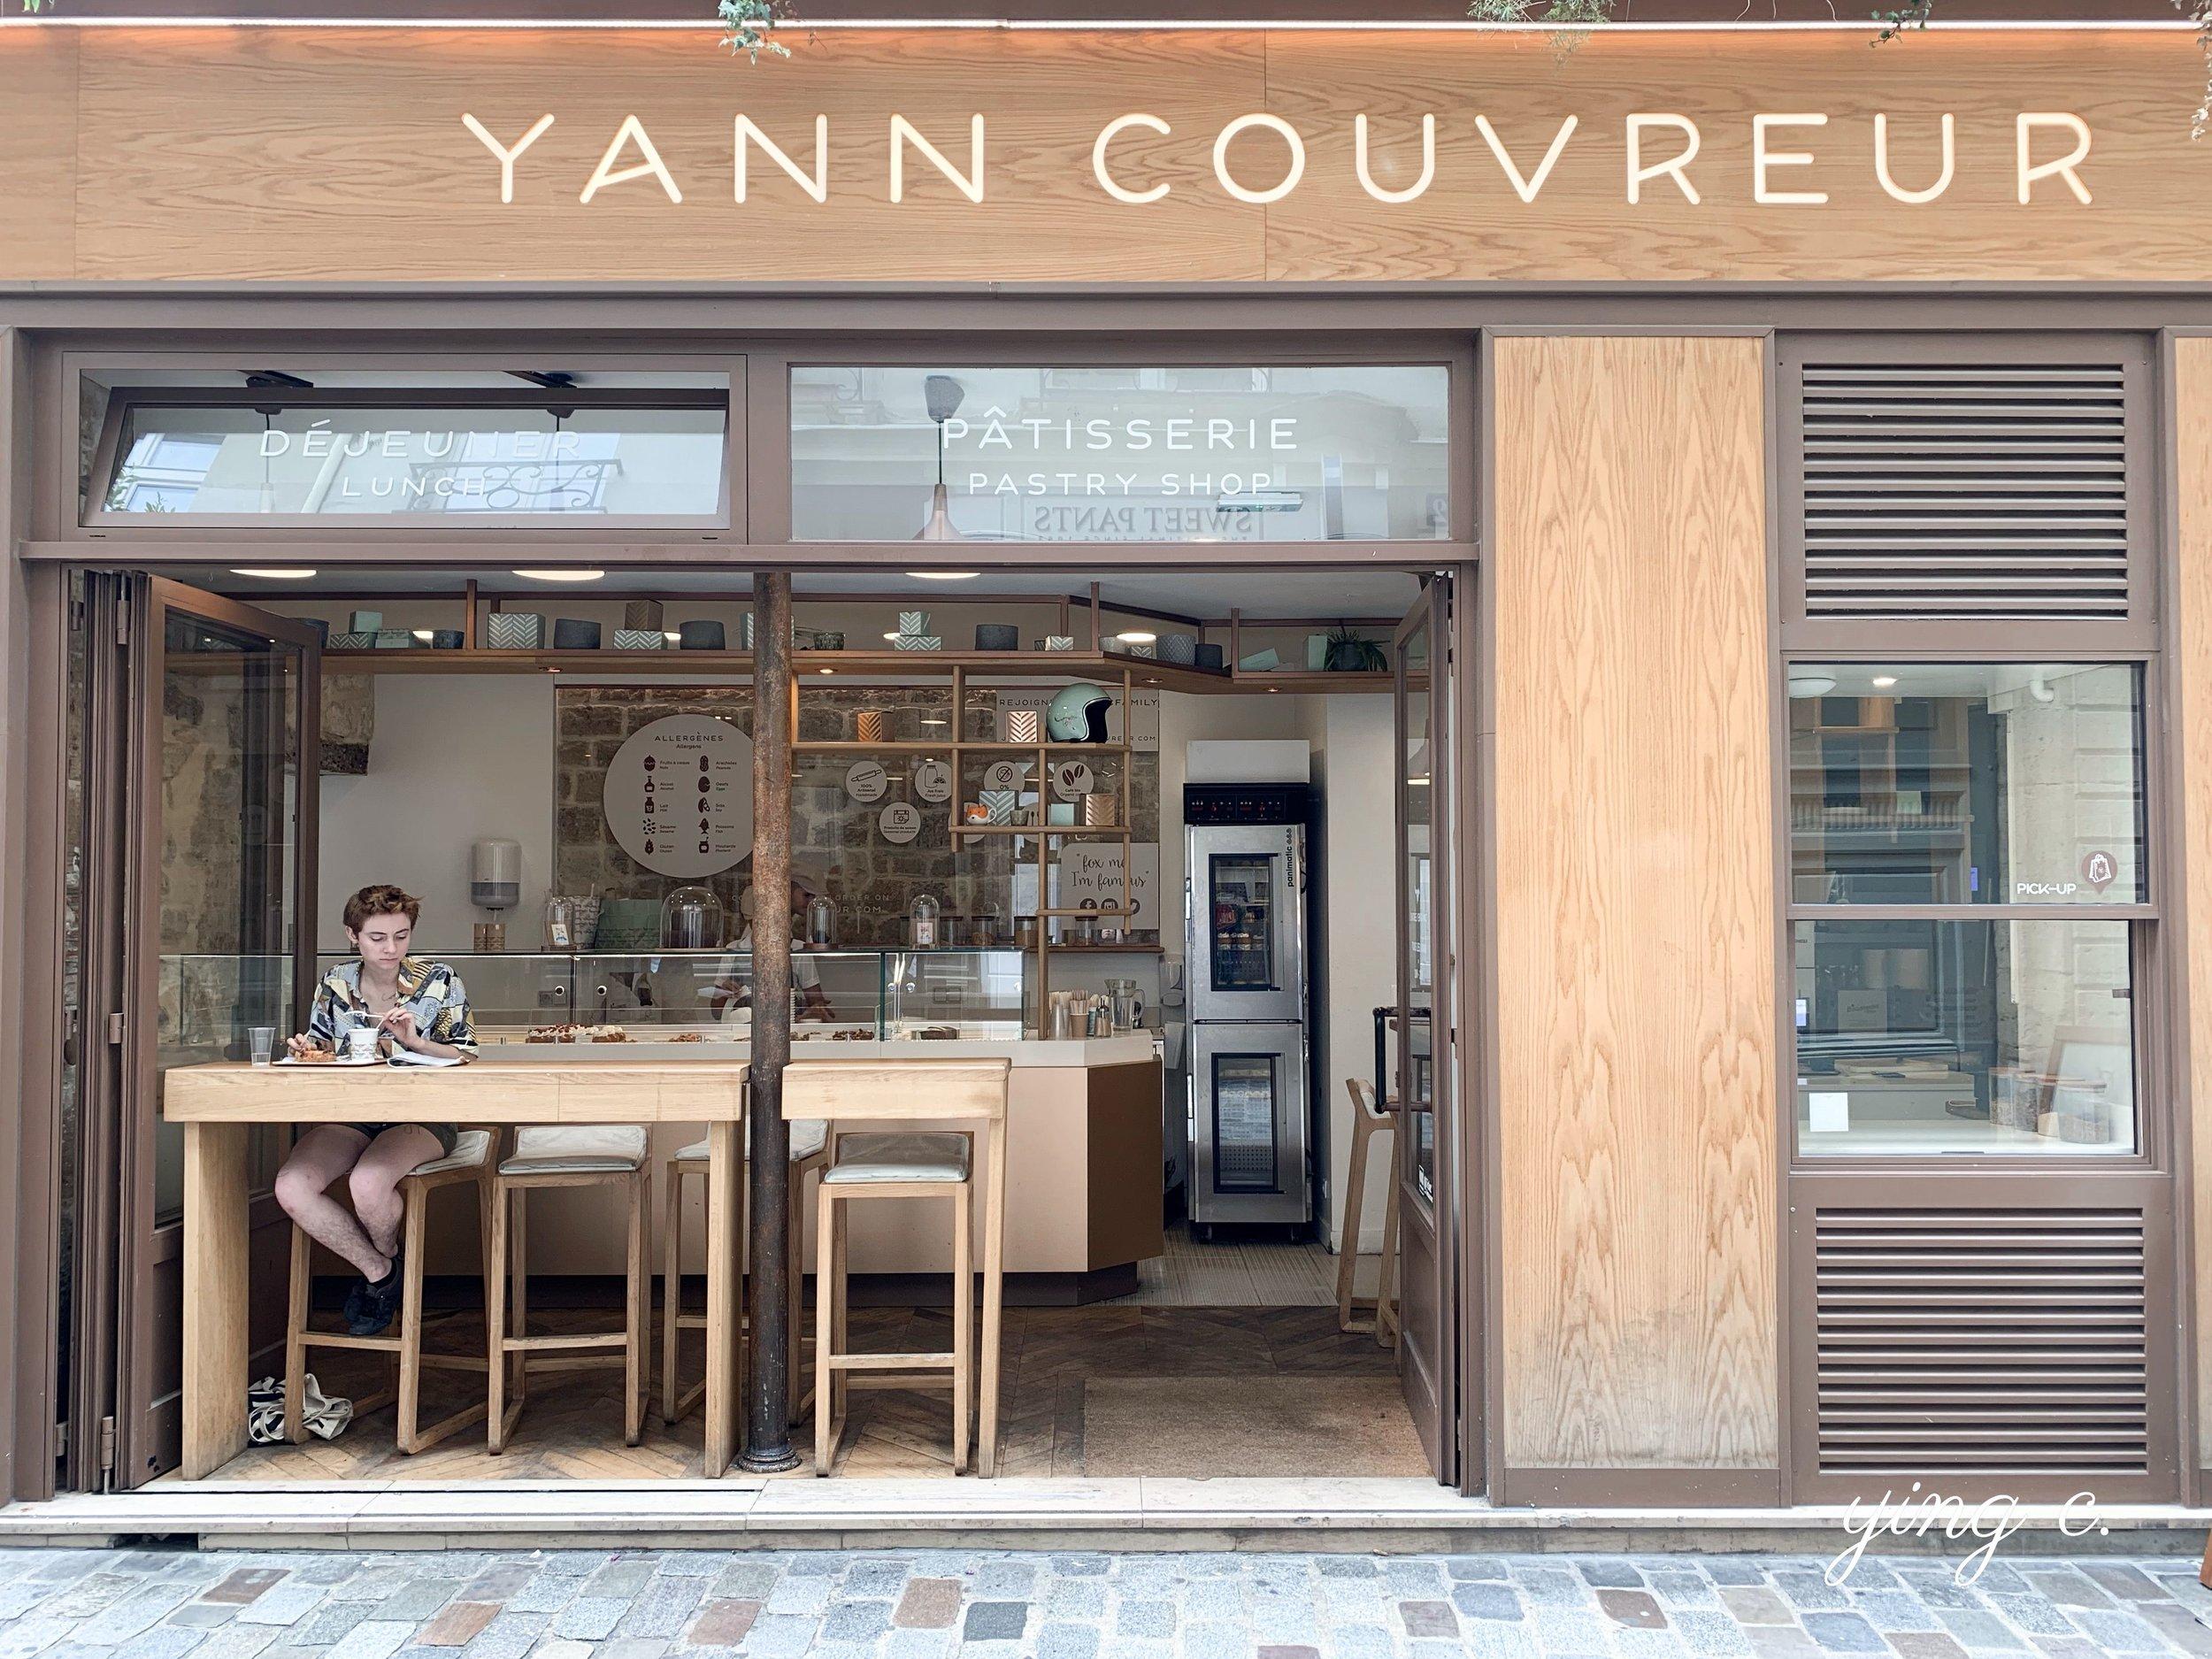 Yann Couvreur 主廚在瑪黑區的第二家店面。